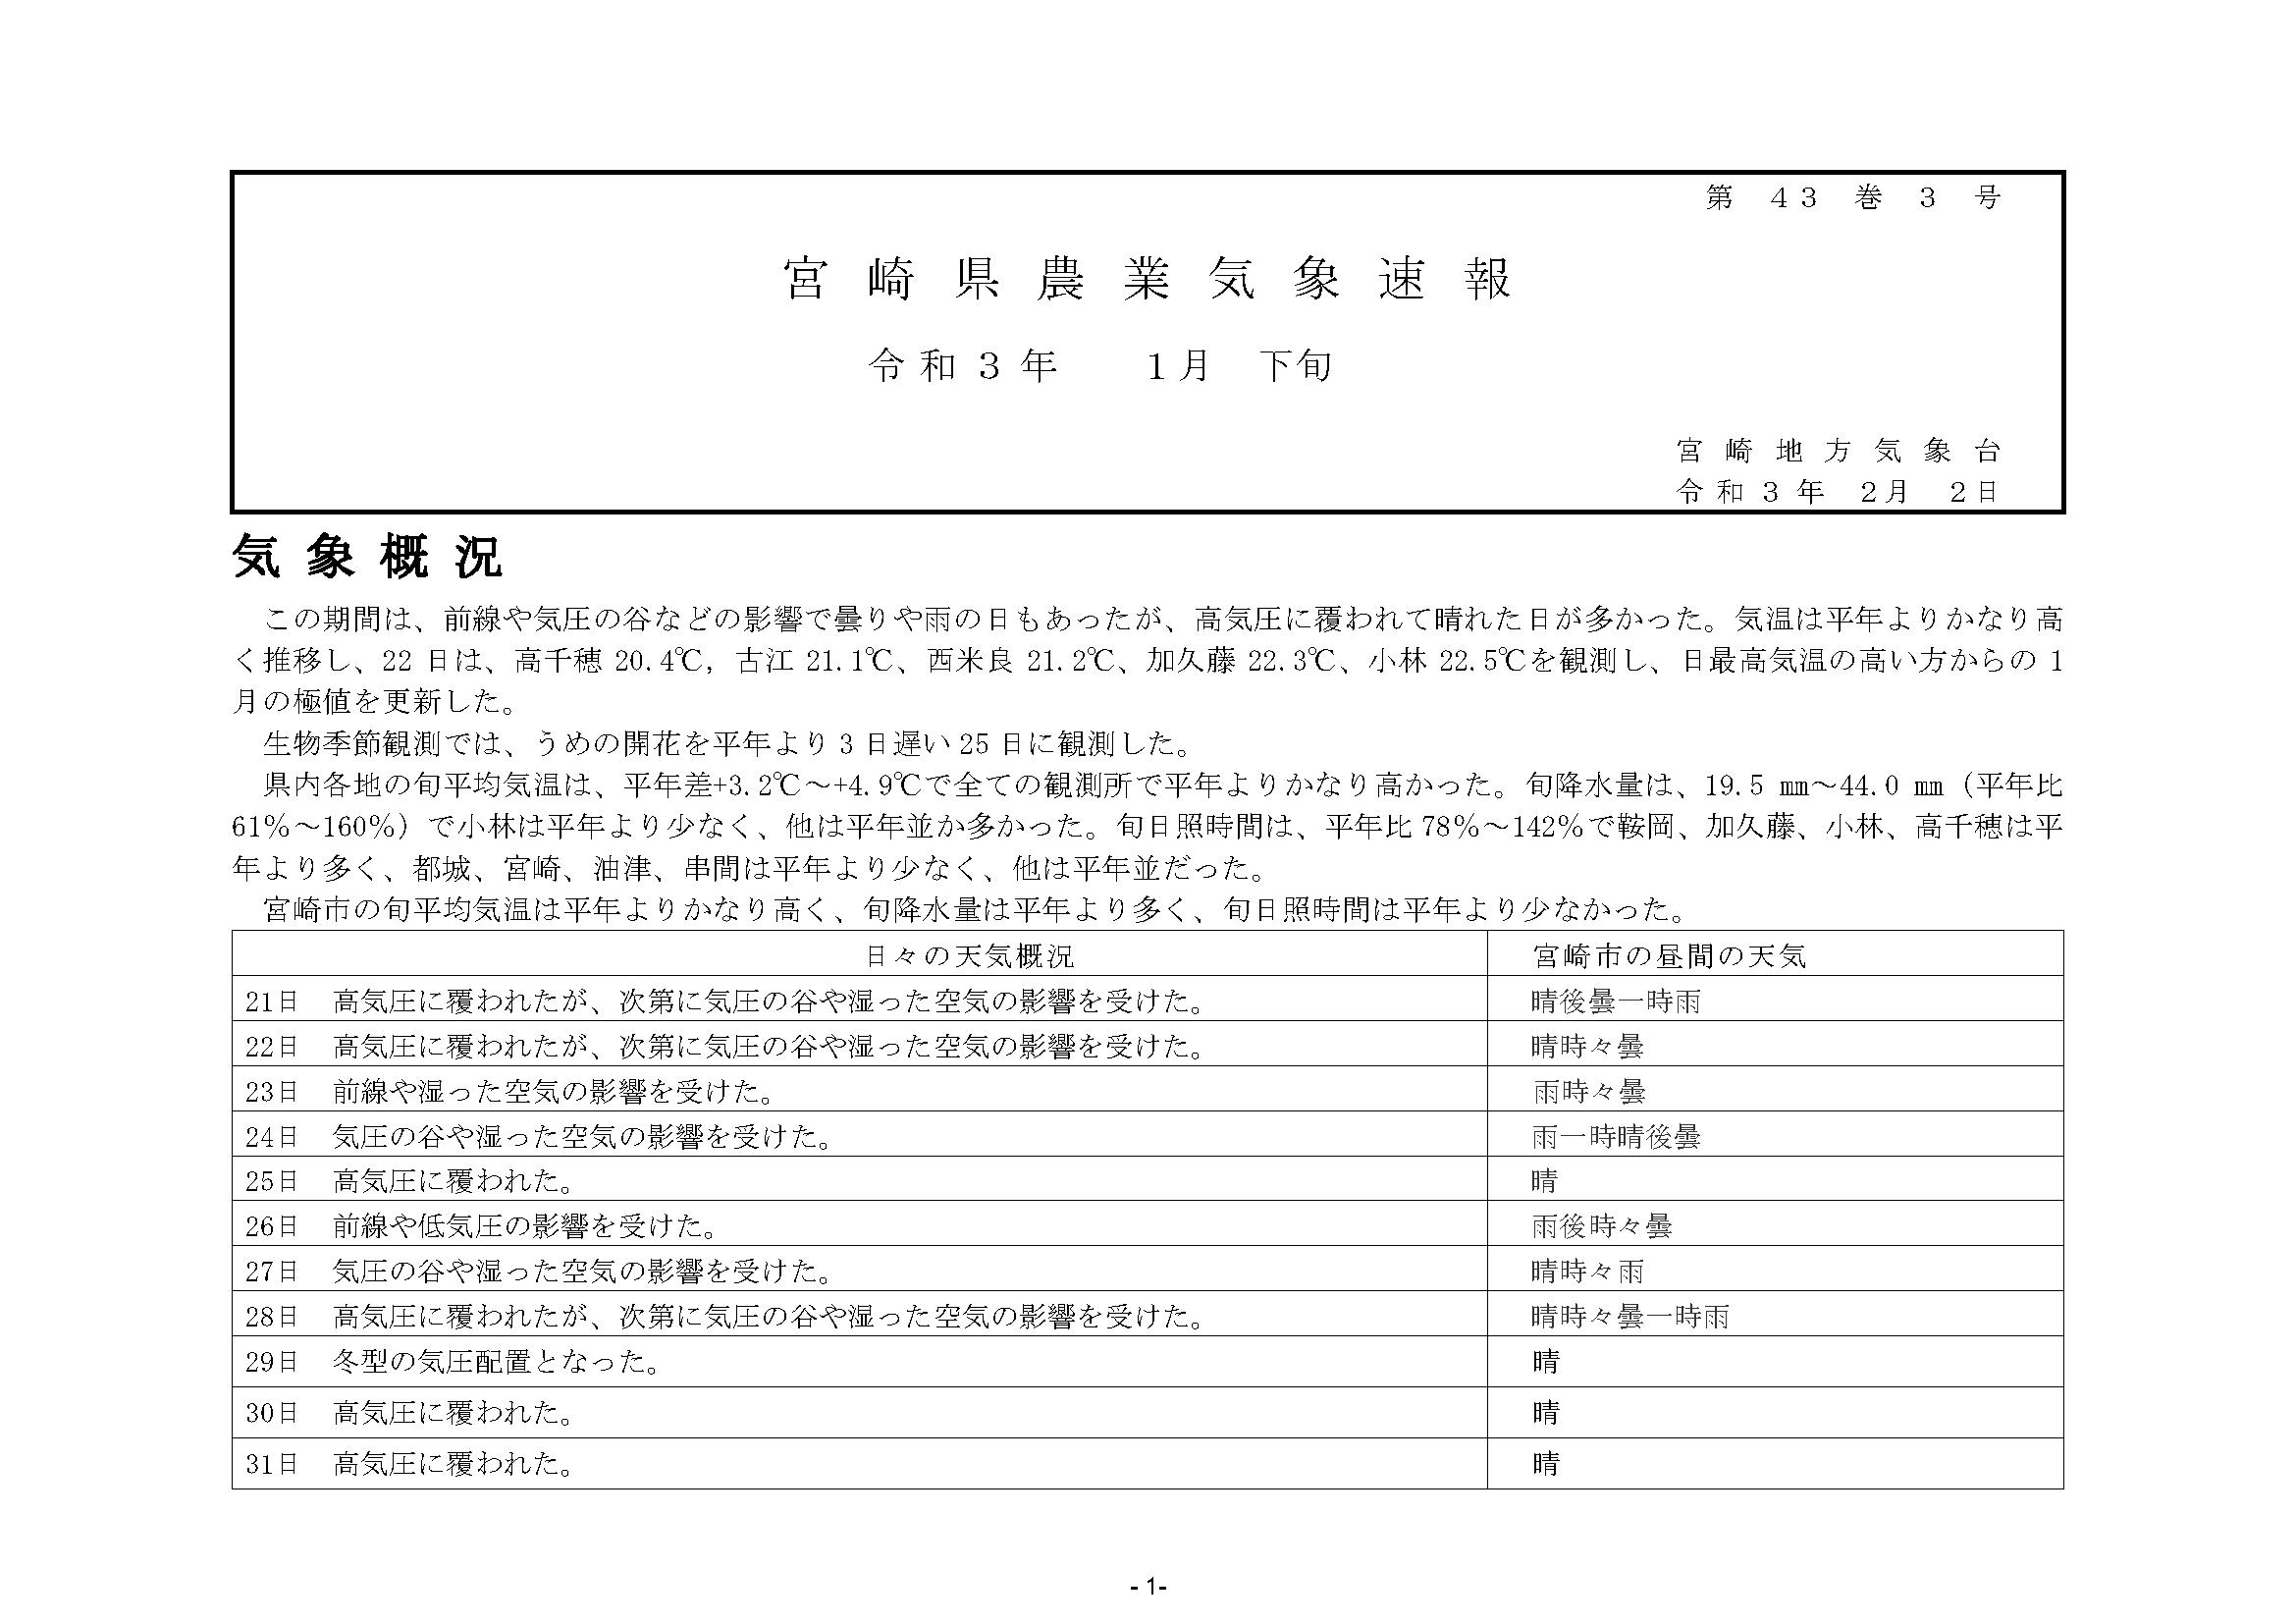 宮崎県農業気象速報令和3年1月下旬PDF